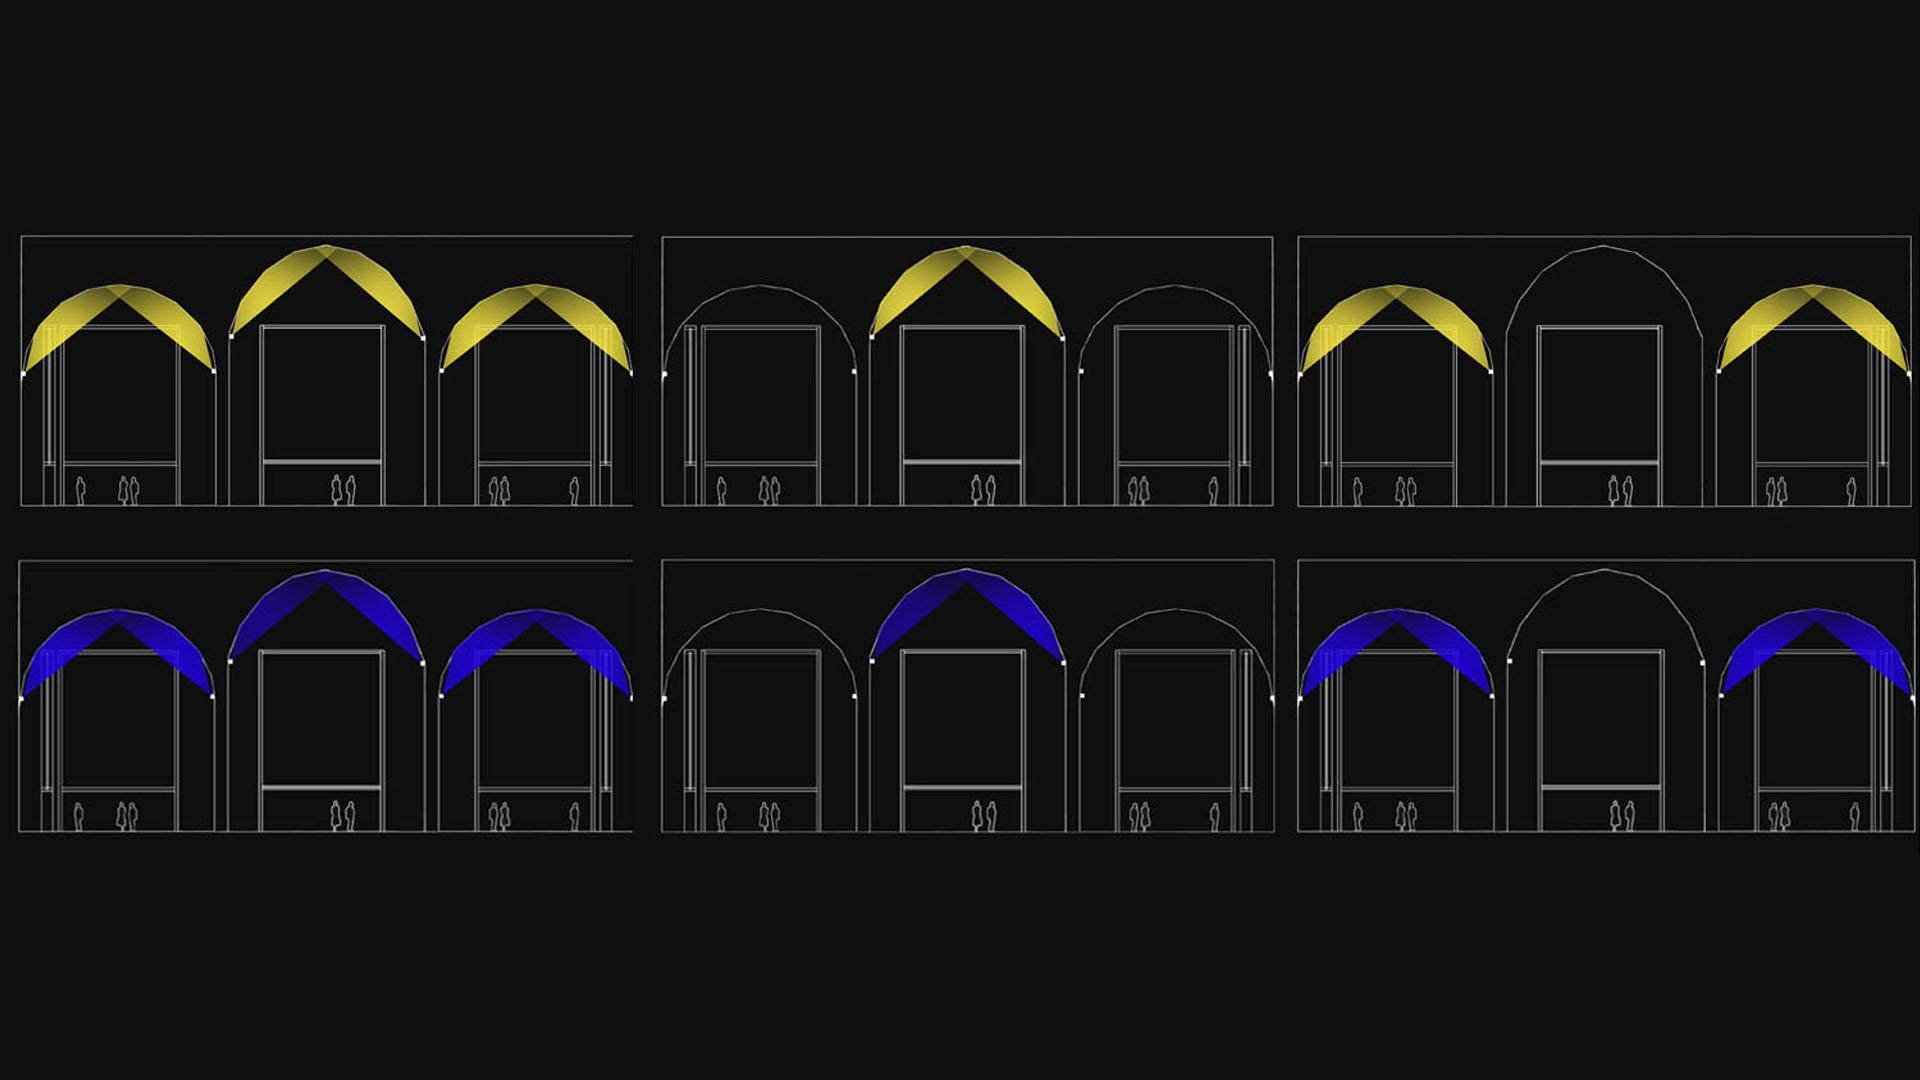 MAASS-Lichtplanung_Konzept Museumsbeleuchtung__MAASS-Kaisersaal-Speyer-003